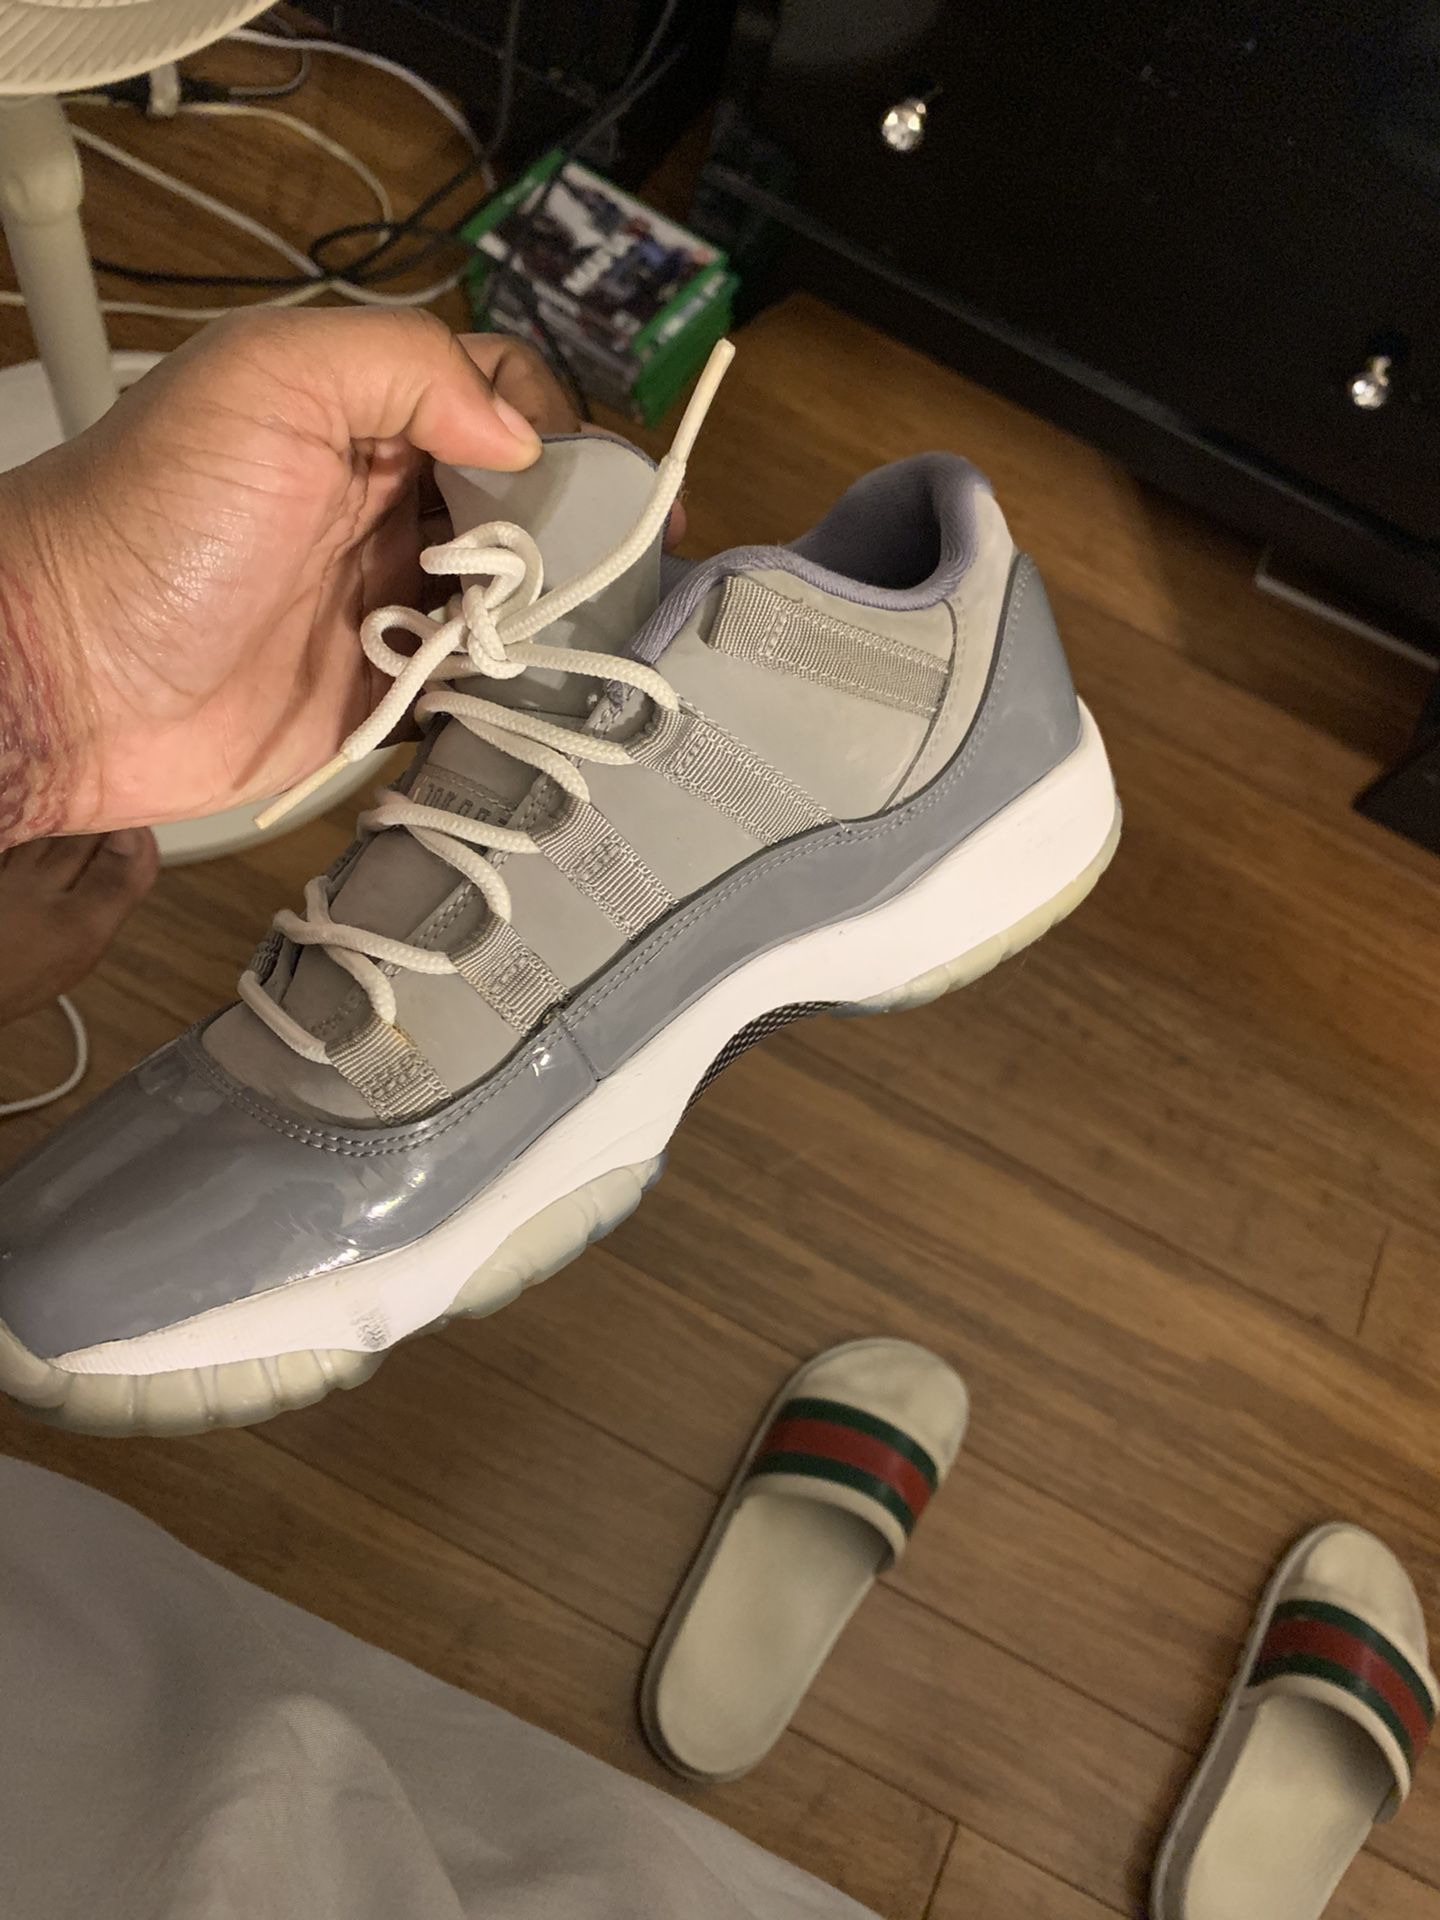 Jordan 11 lows